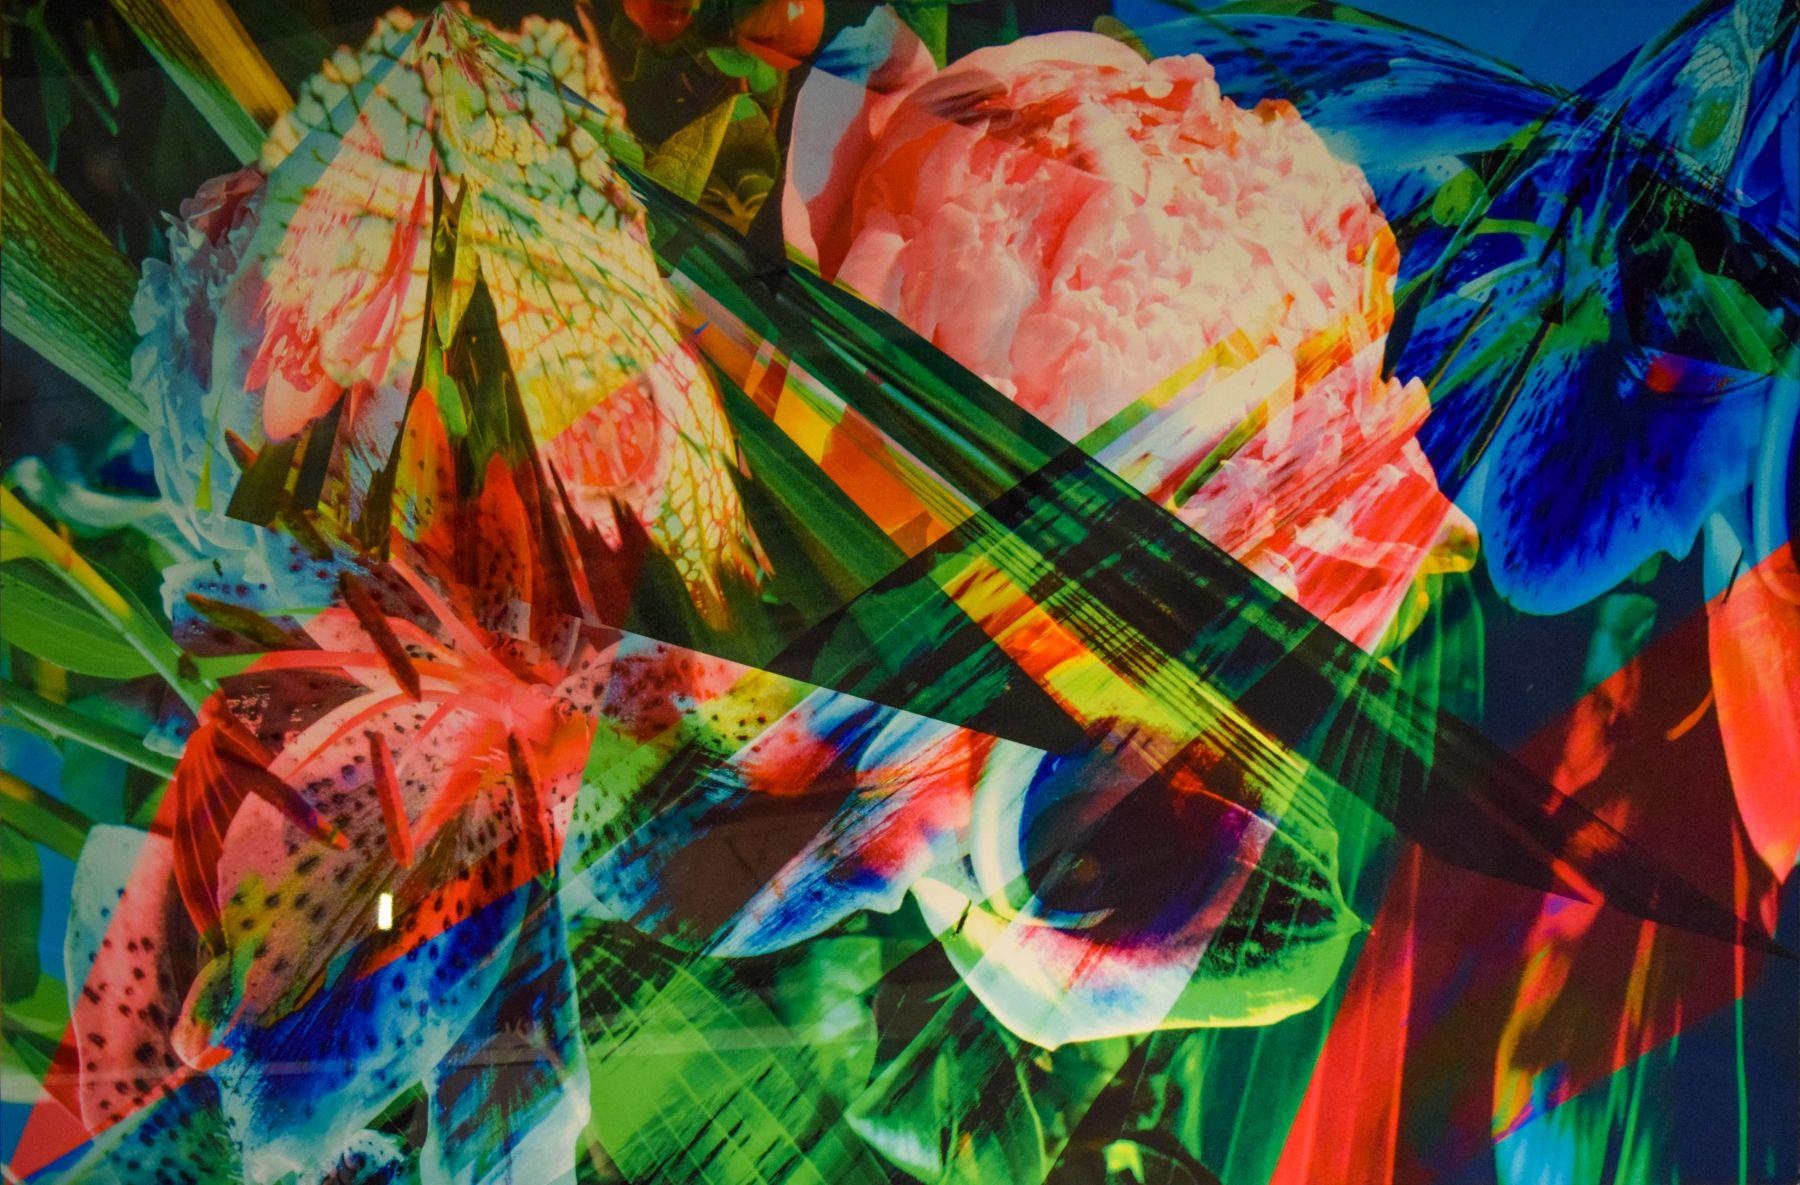 Fairy Peony by Fidan Bagirova at Hg Contemporary